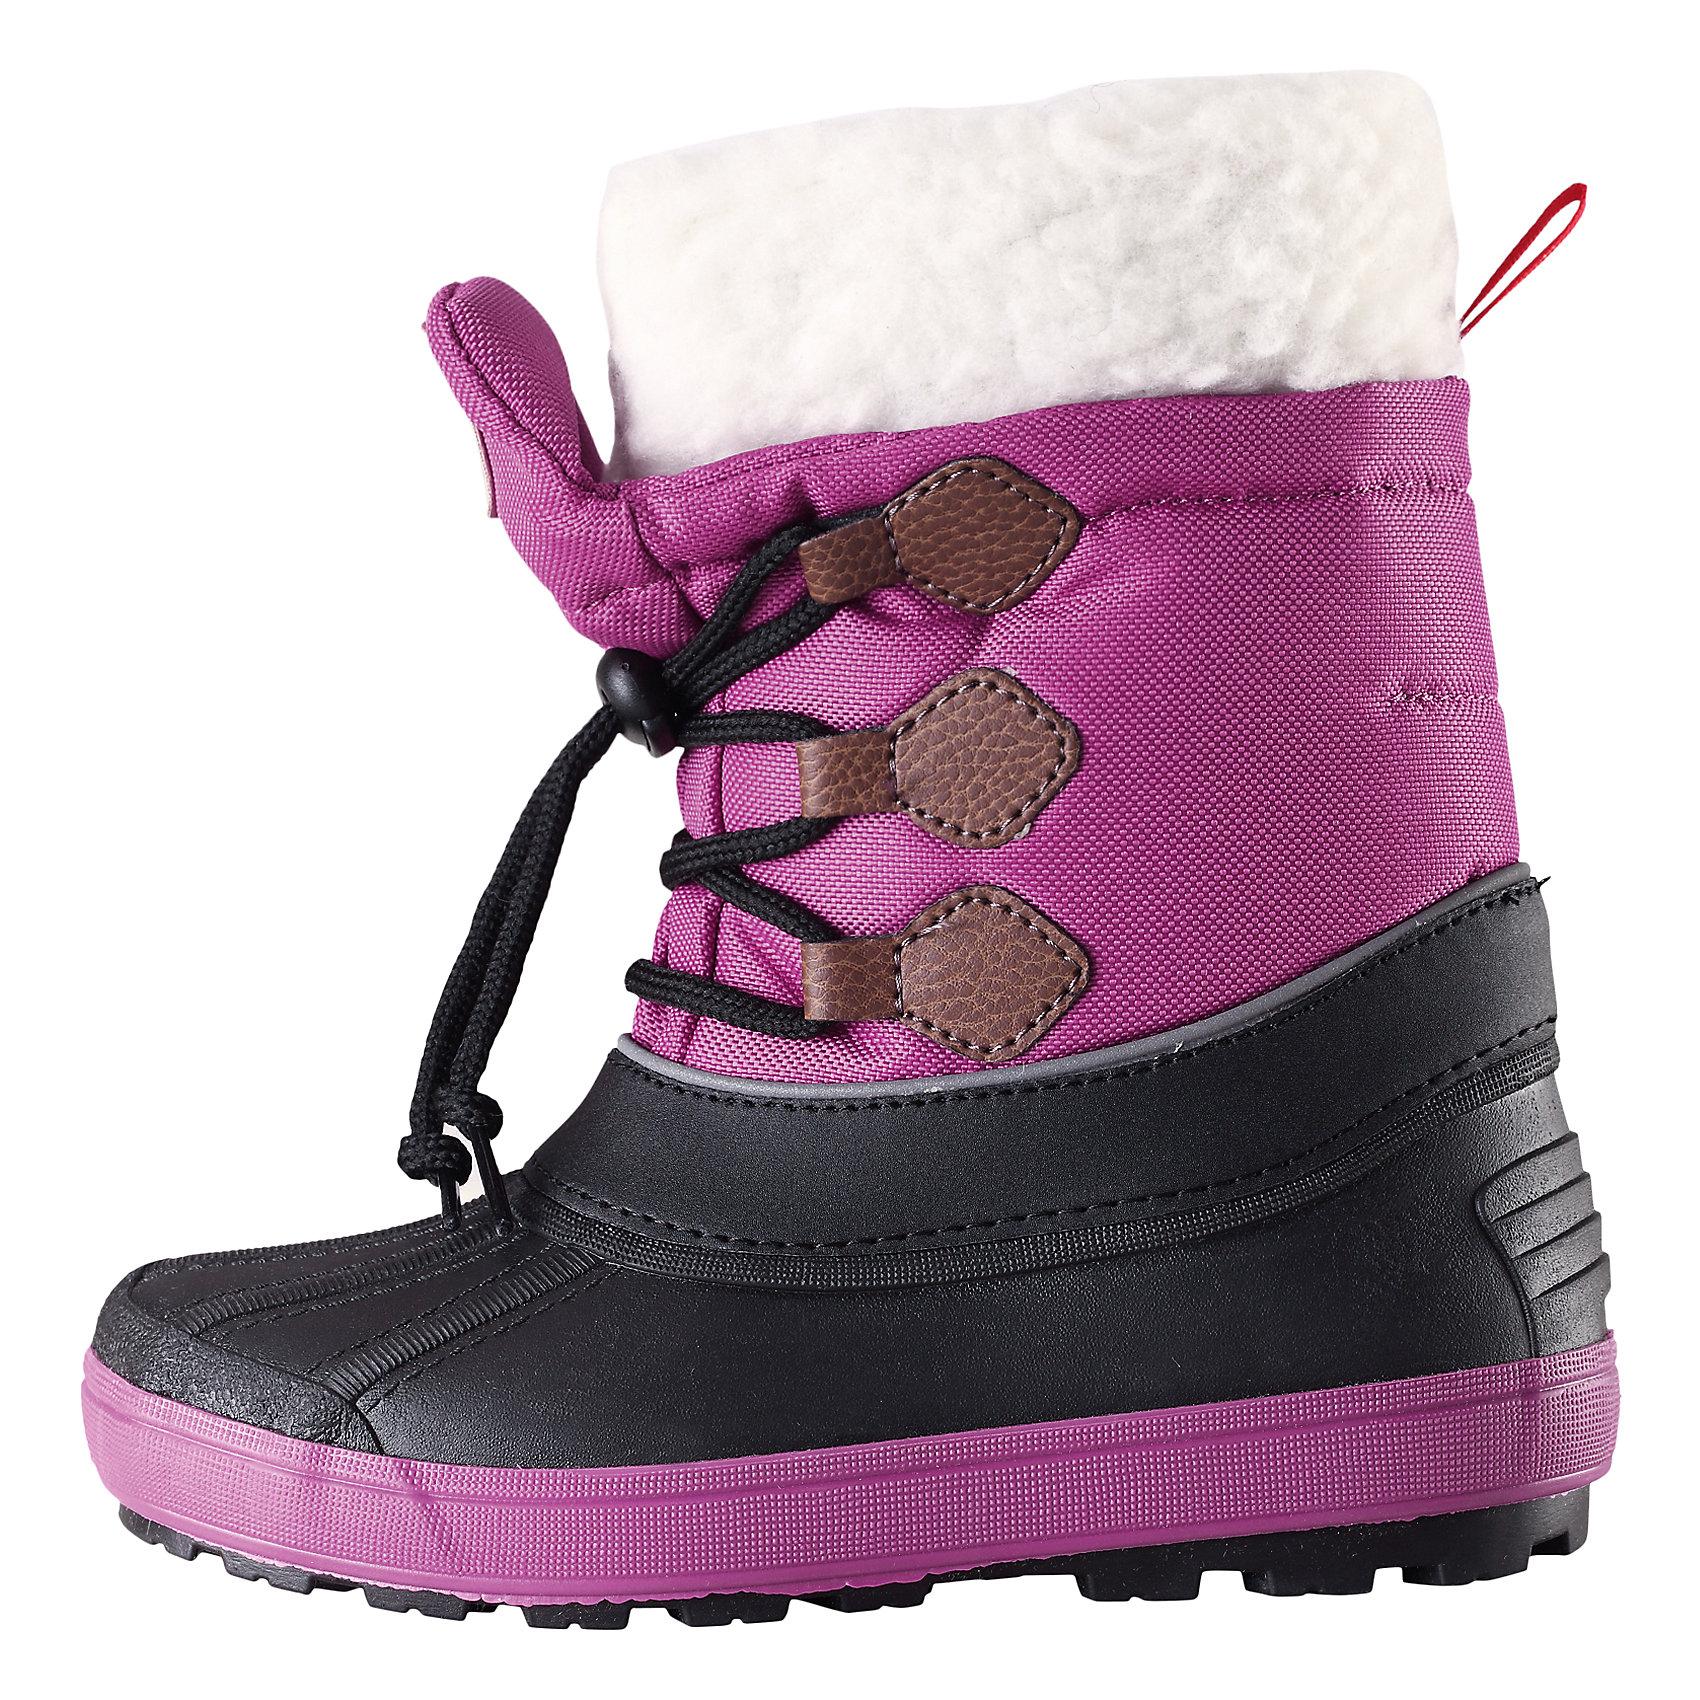 Сапоги Tirano для девочки Reimatec® ReimaОбувь<br>Зимние сапоги для девочки Reimatec® от финской марки Reima.<br>Зимние сапоги для детей. Водоотталкивающая зимняя обувь с водонепроницаемыми галошами. Верх из водостойкого текстиля/микрофибры. Подошва из термопластичного каучука обеспечивает хорошее сцепление с поверхностью. Подкладка из смеси шерсти. Съемный носок. Сделано в Италии. Легкие и водонепроницаемые литые галоши. Алюминиевая стелька для улучшенной теплоизоляции. Светоотражающие детали. Без ПХВ.<br>Уход:<br>Храните обувь в вертикальном положении при комнатной температуре. Сушить обувь всегда следует при комнатной температуре: вынув съемные стельки. Стельки следует время от времени заменять на новые. Налипшую грязь можно счищать щеткой или влажной тряпкой. Перед использованием обувь рекомендуется обрабатывать специальными защитными средствами.<br>Состав:<br>Подошва: EVA, резина, верх: 90% ПЭ, 10% ПУ<br><br>Ширина мм: 262<br>Глубина мм: 176<br>Высота мм: 97<br>Вес г: 427<br>Цвет: фиолетовый<br>Возраст от месяцев: 72<br>Возраст до месяцев: 84<br>Пол: Женский<br>Возраст: Детский<br>Размер: 30,38,34,32,20,28,24,26,22,36<br>SKU: 4776976